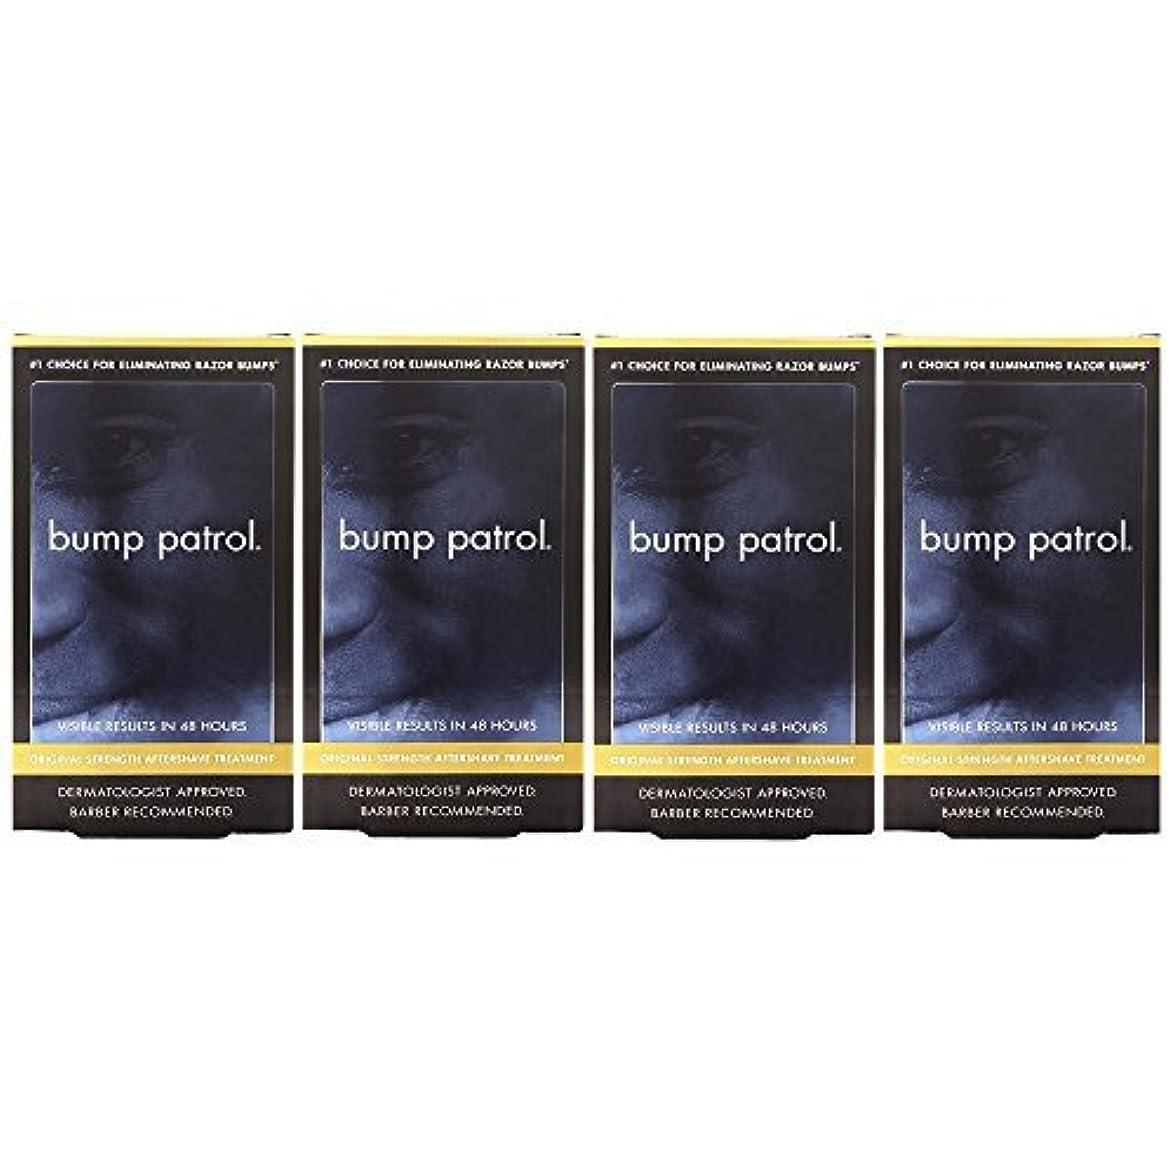 成功した彼らはヒープBump Patrol Dermatologist Approved Original Strength Aftershave Treatment (2 oz) 4 Pack [並行輸入品]